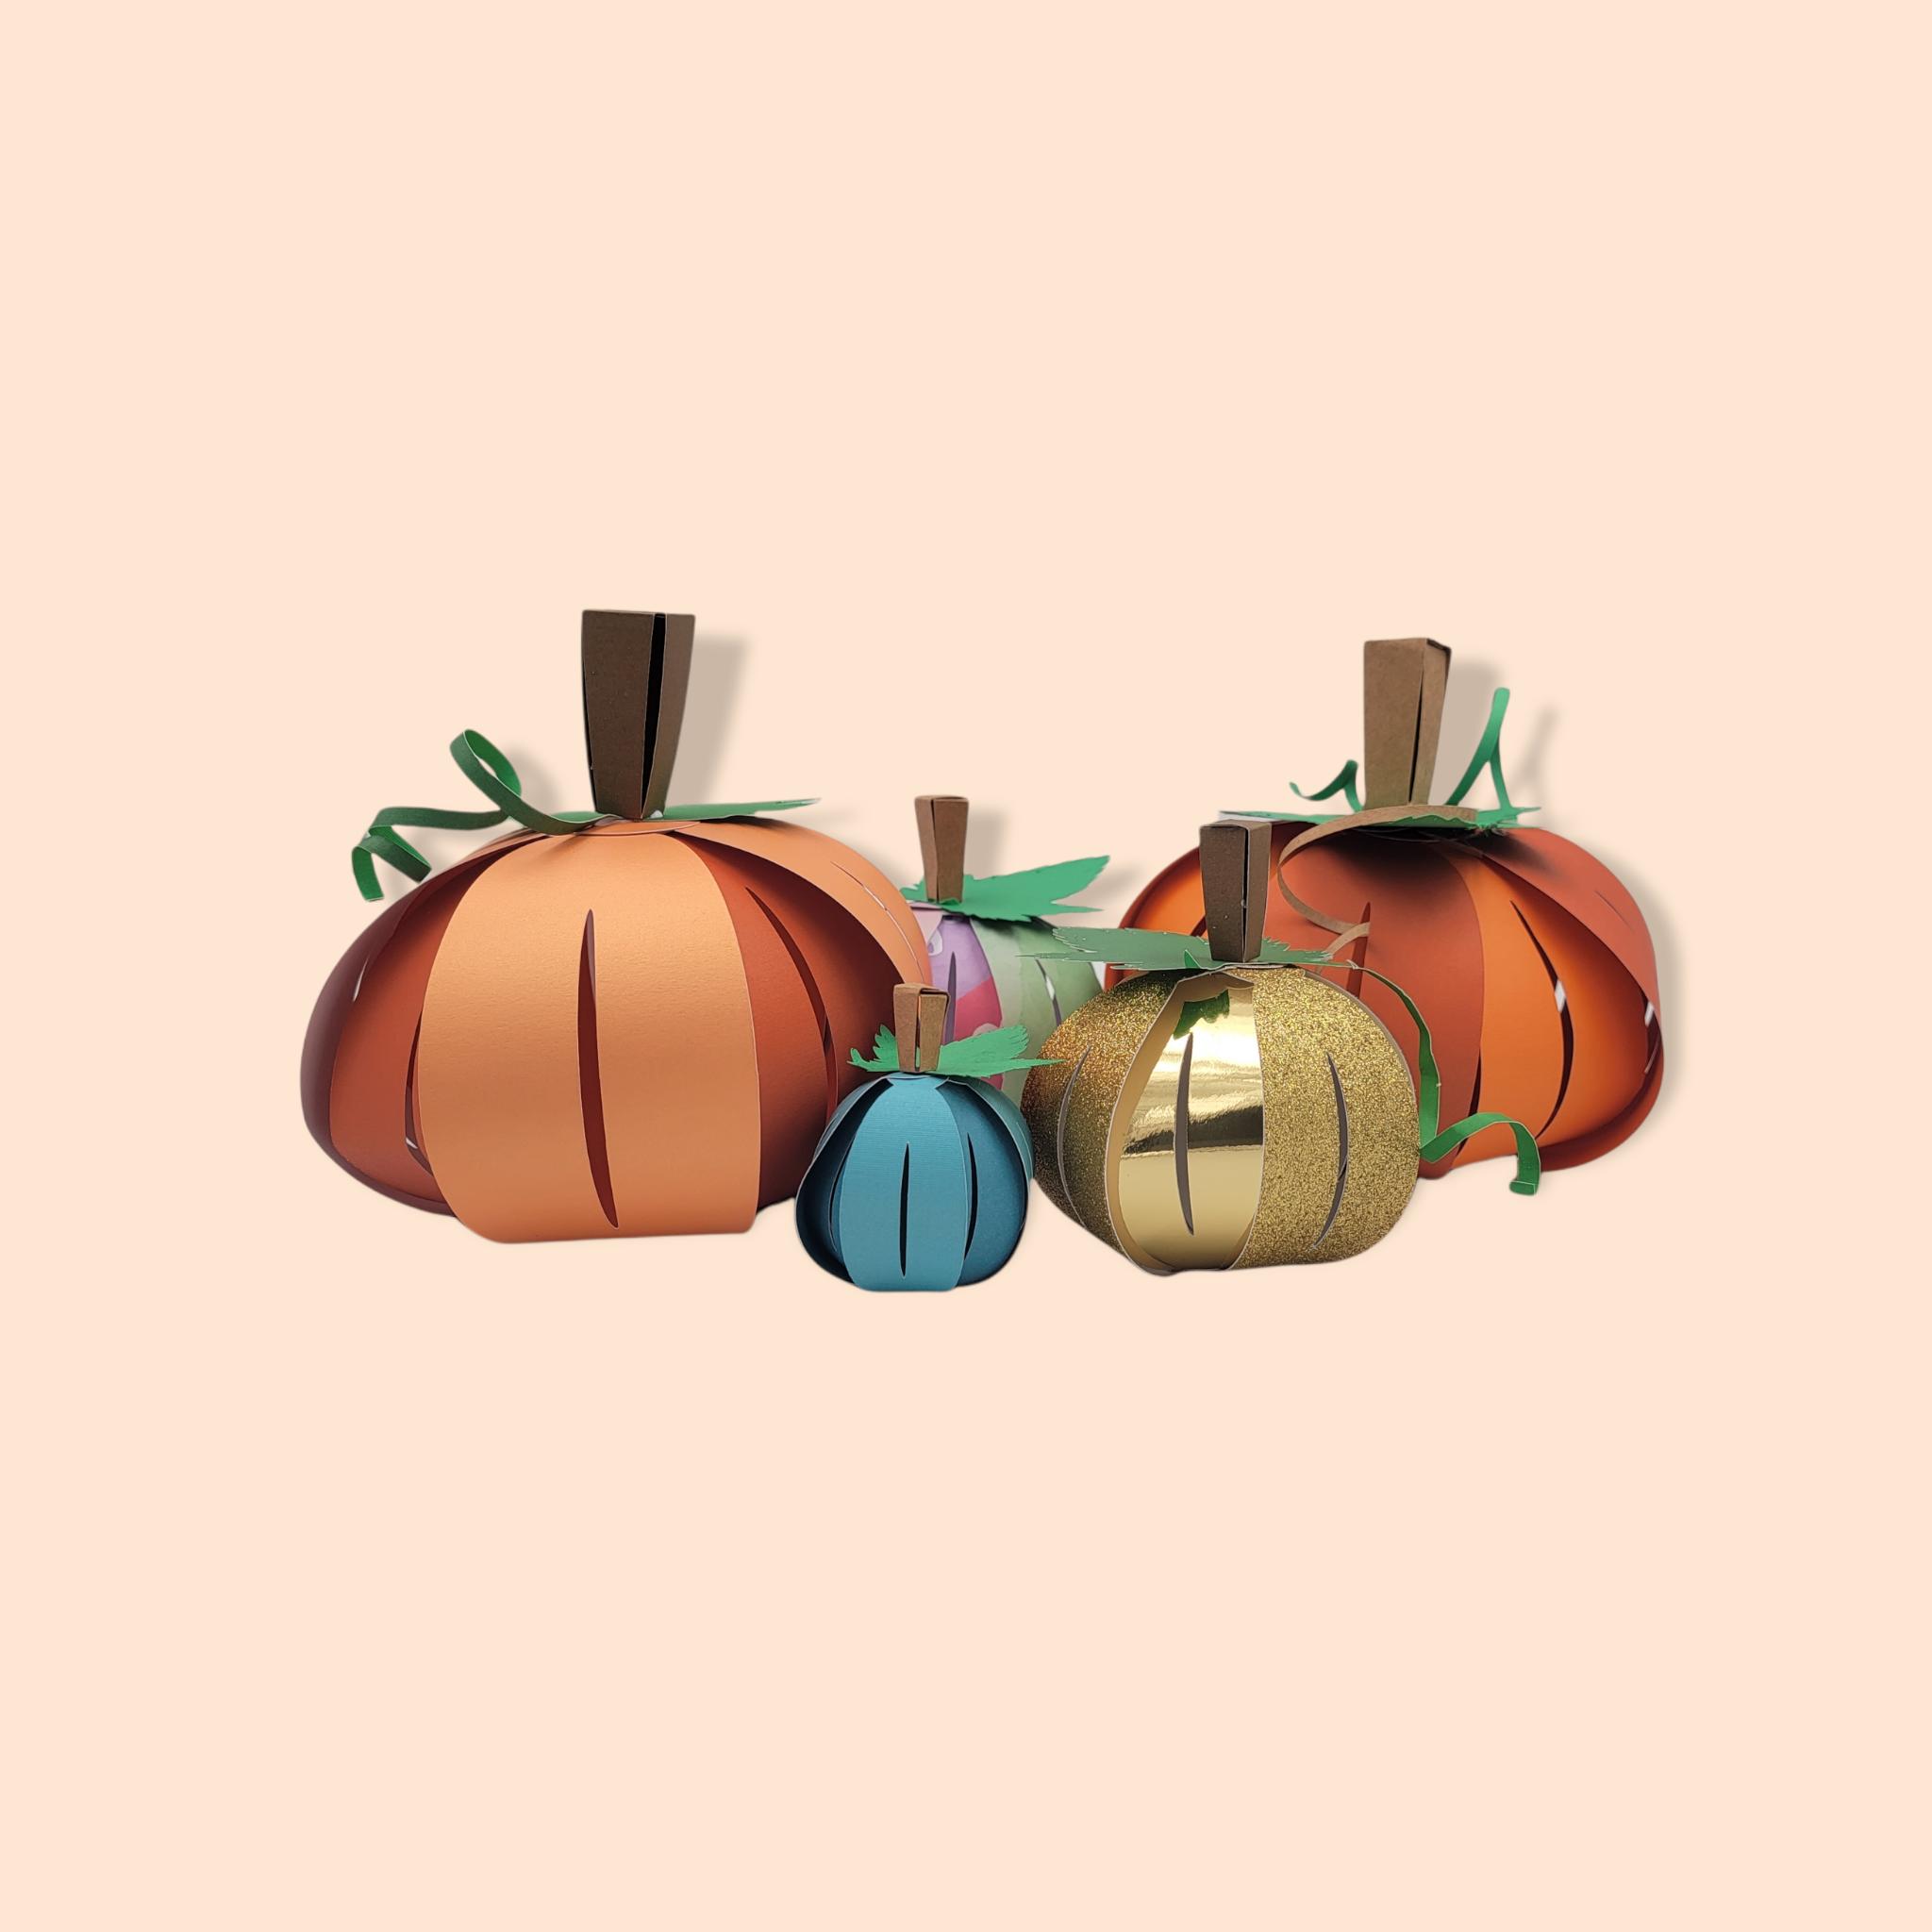 pumpkins made with this 3D paper pumpkin craft template